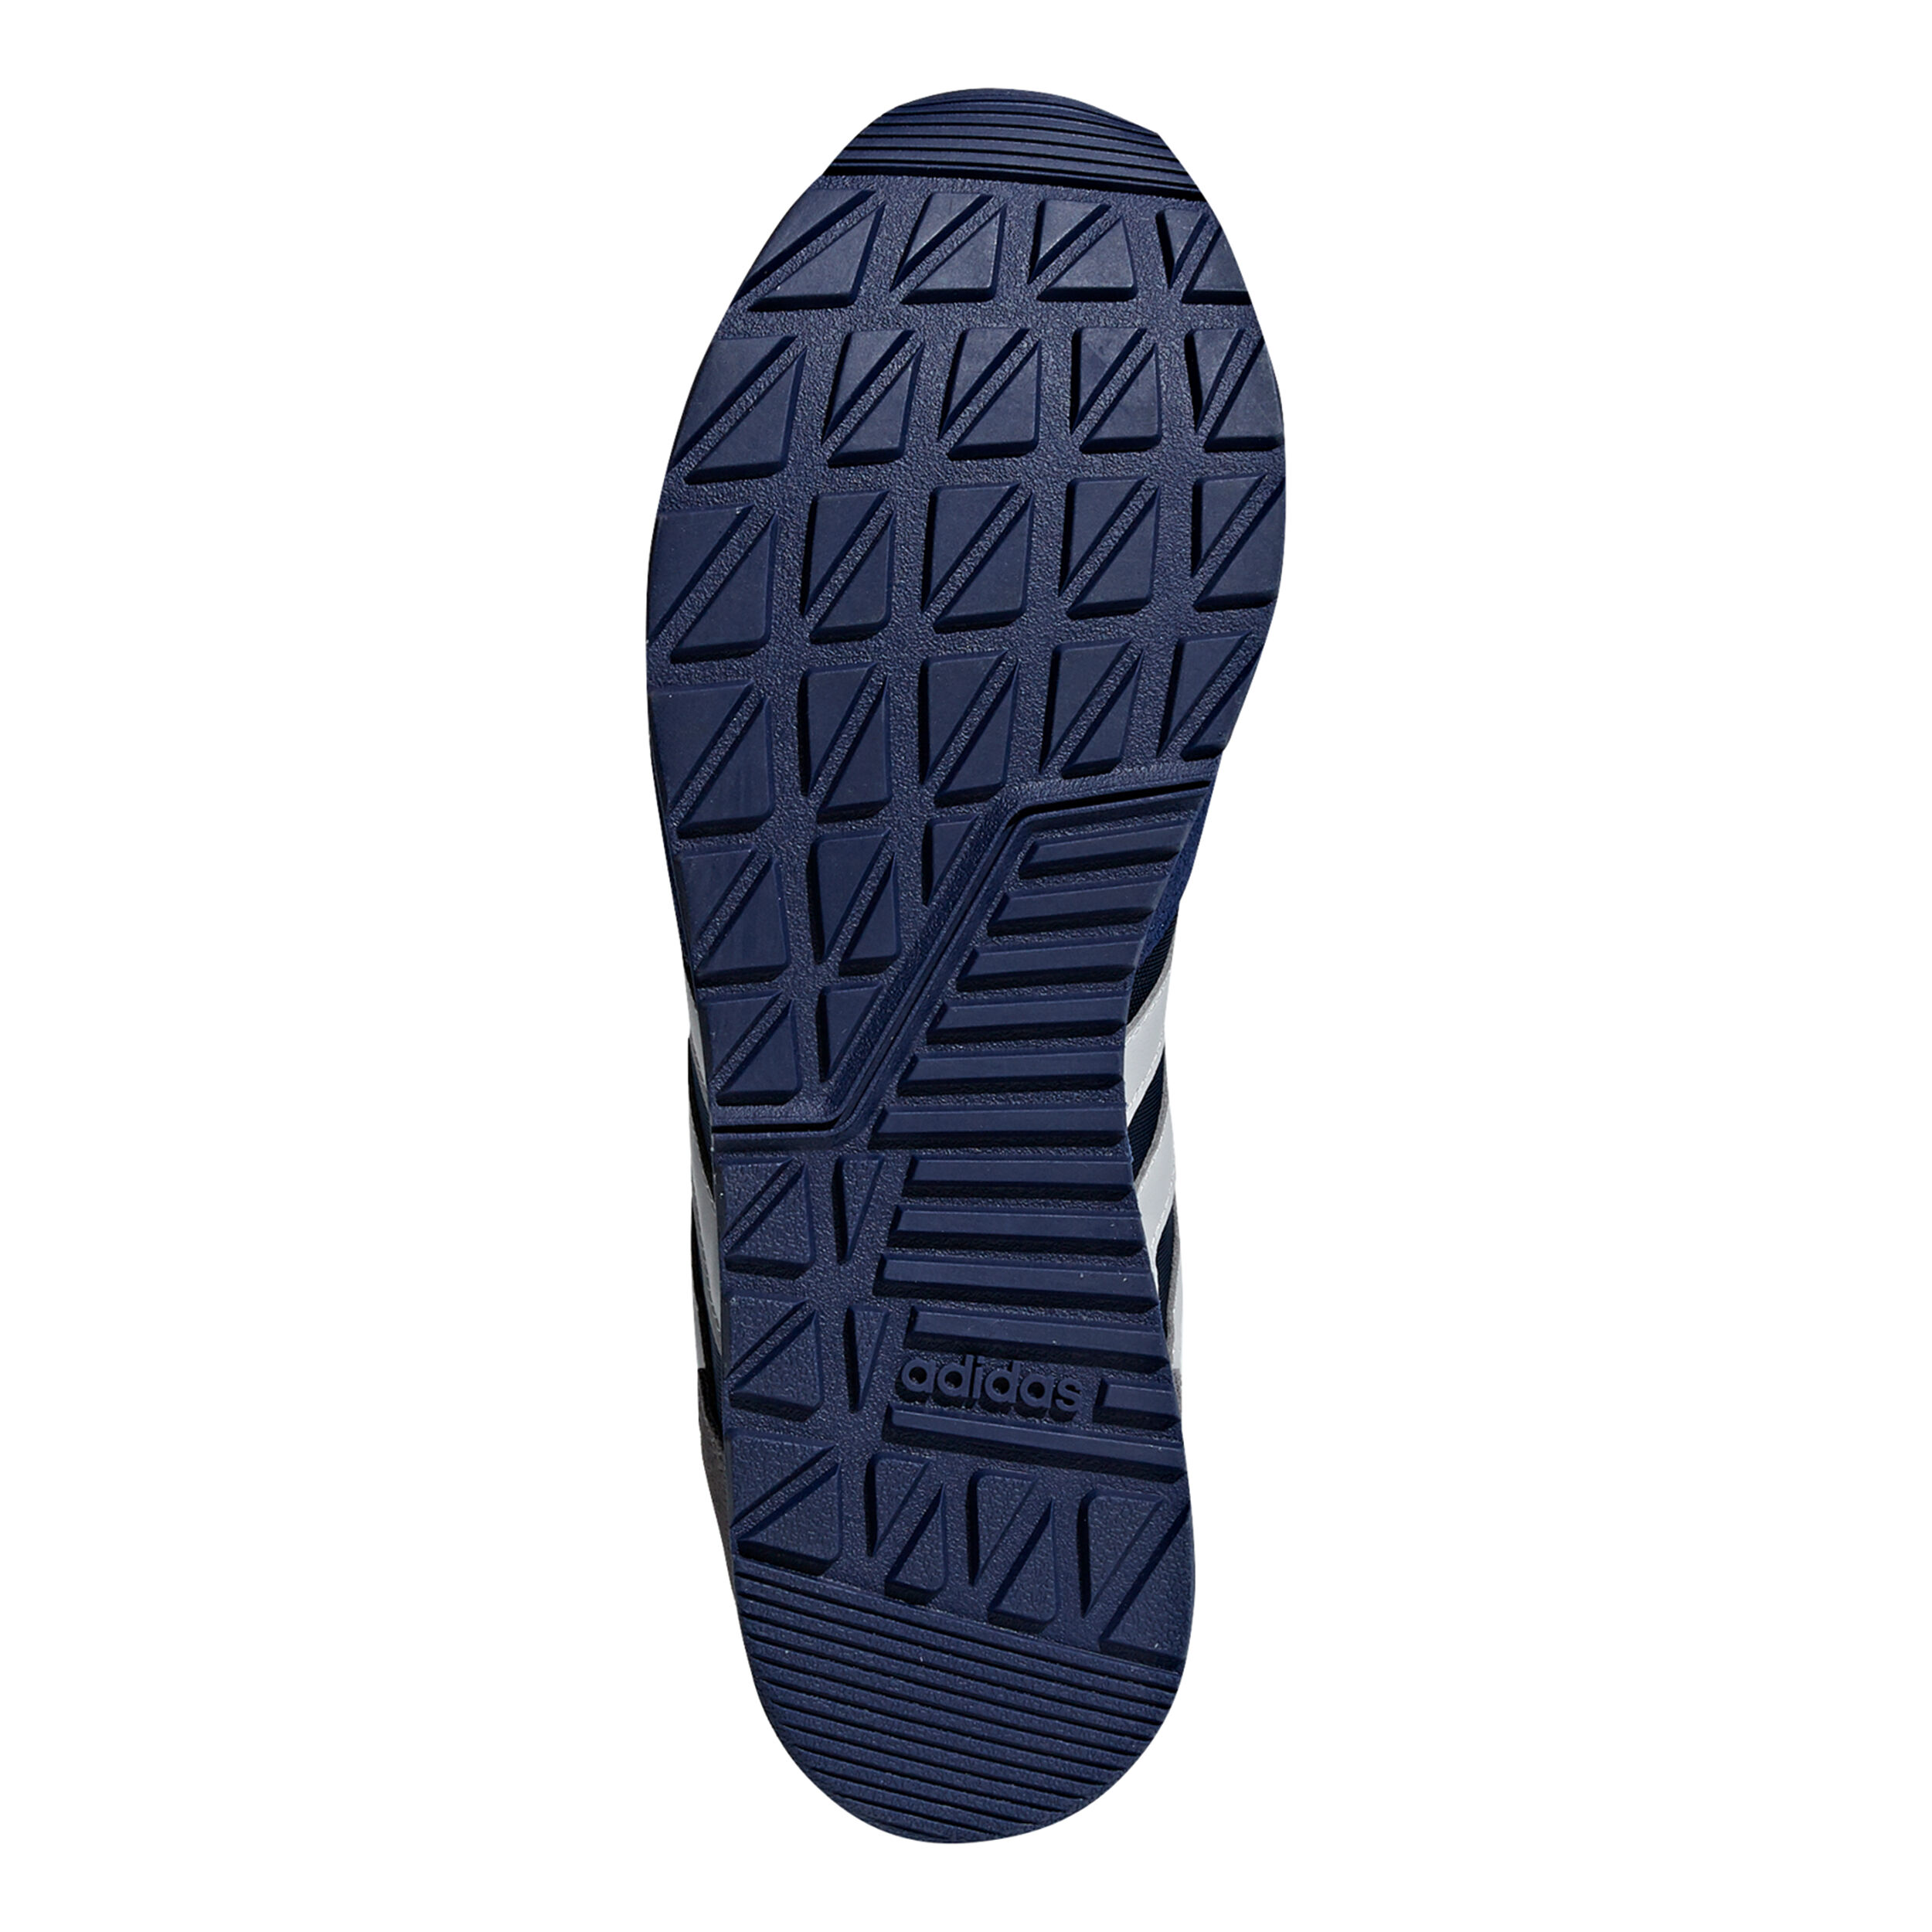 adidas 8K Neutralschuh Herren Blau, Weiß online kaufen